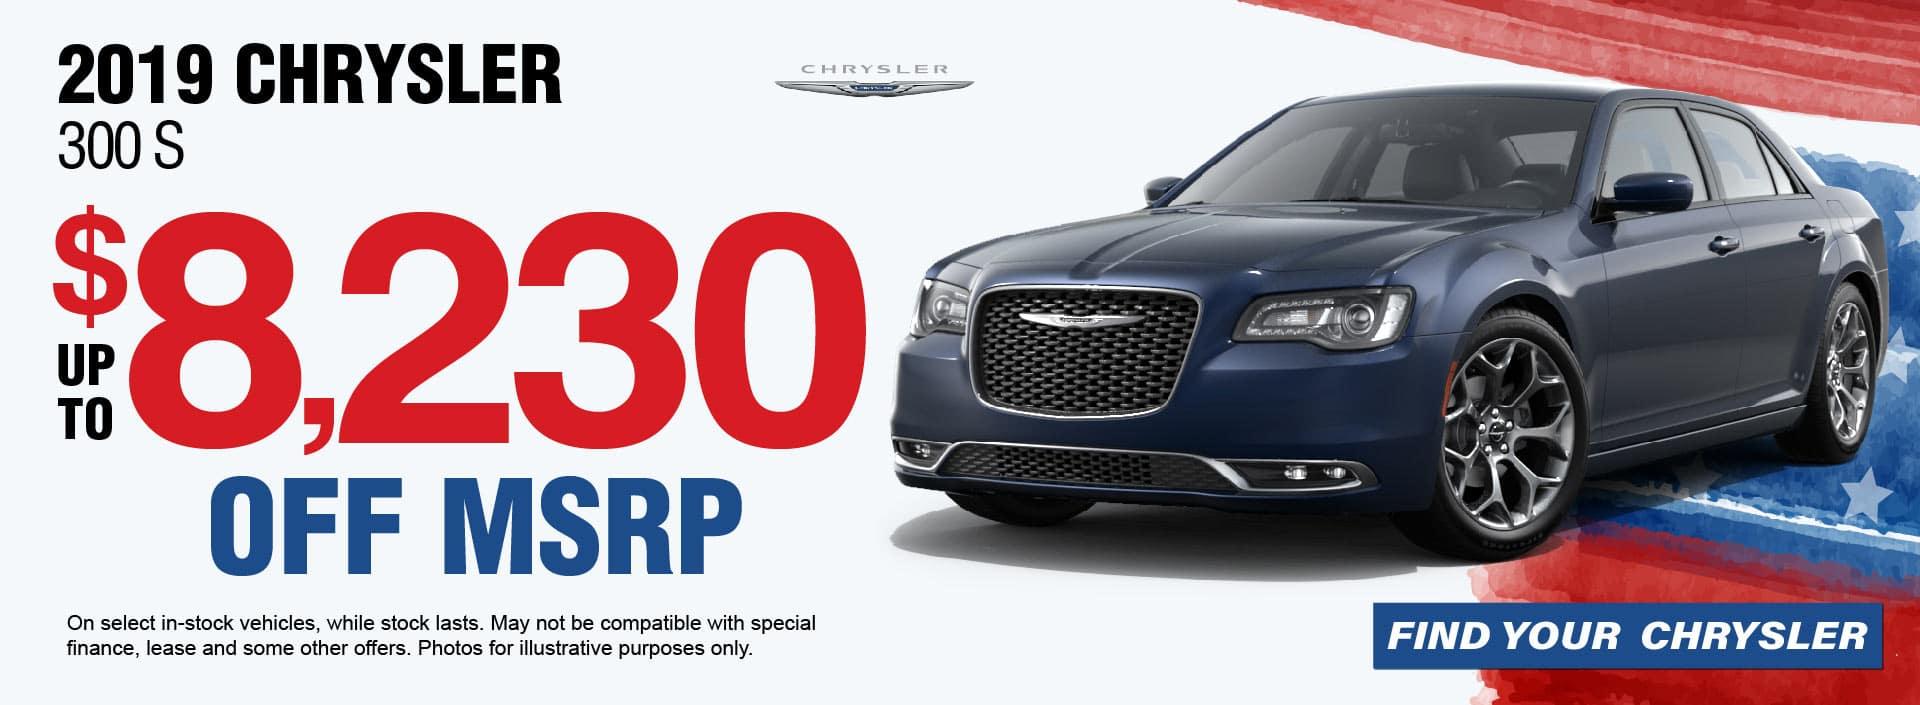 19 Chrysler 300 Savings